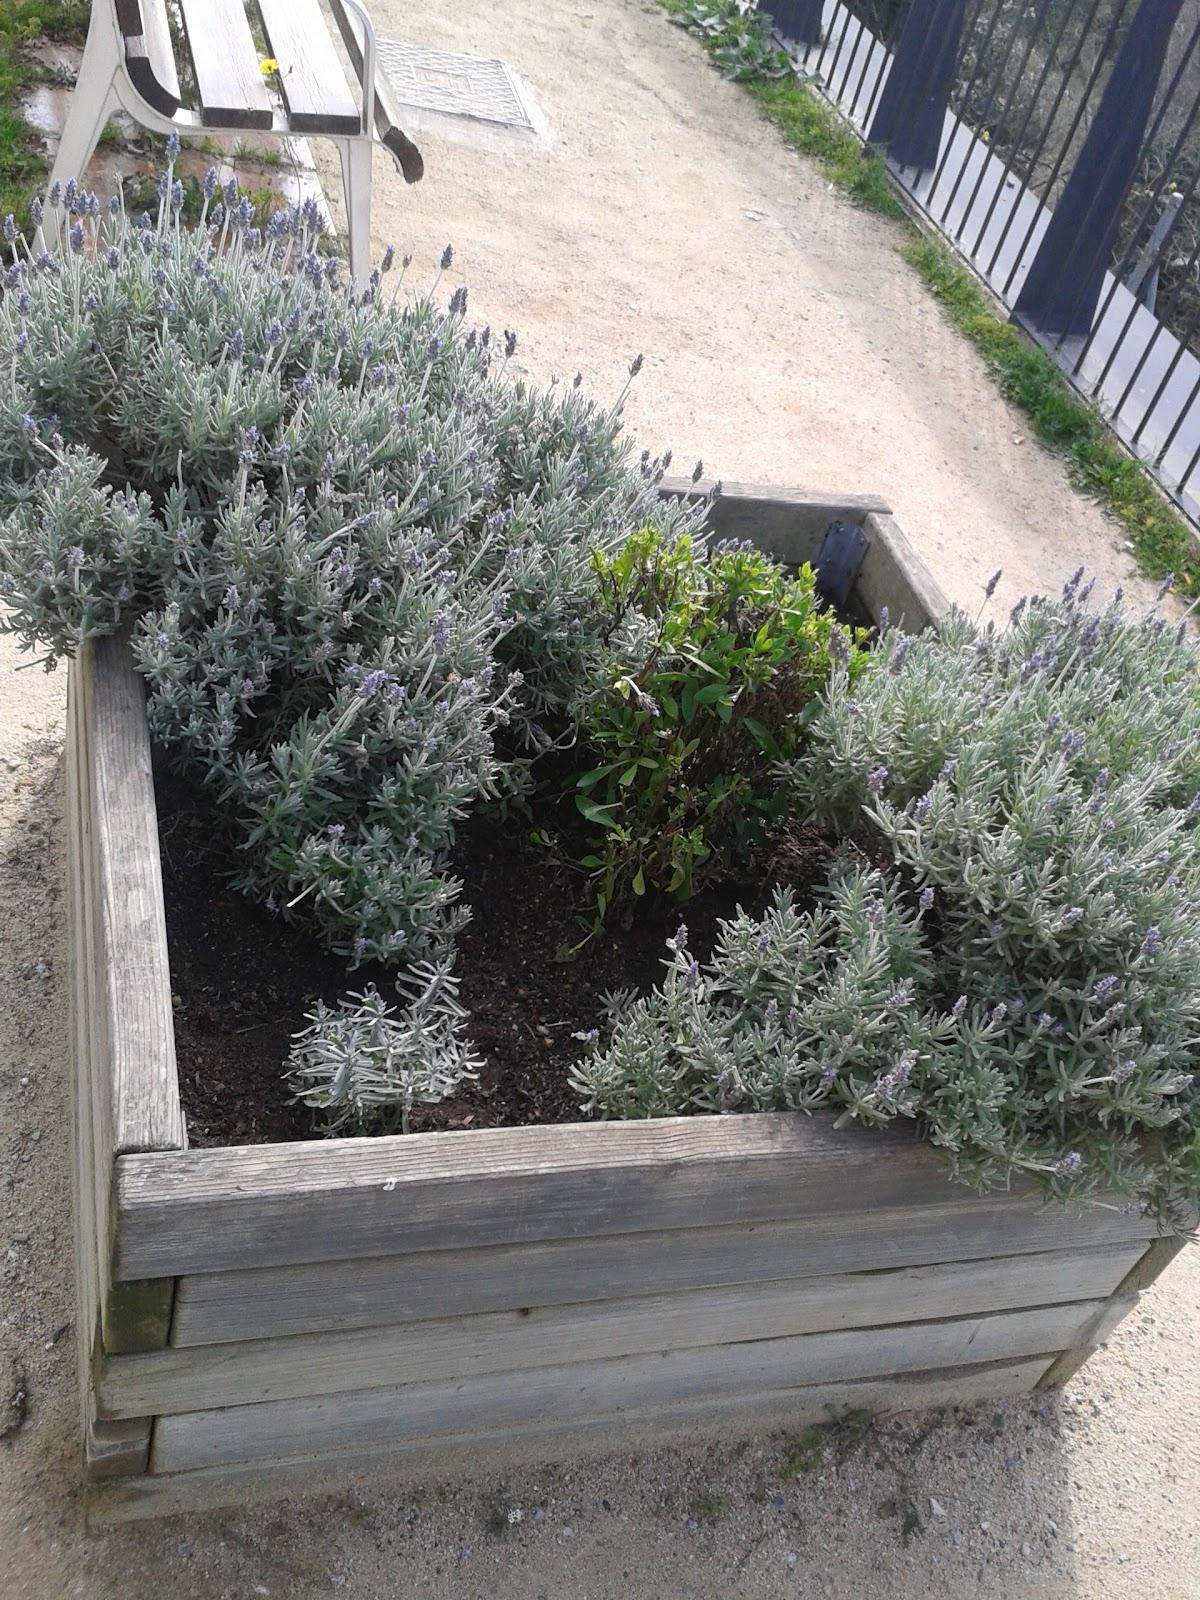 El rincon de un jardin rincones con encanto ermita de sant pere de reixac - Rincones de jardines con encanto ...